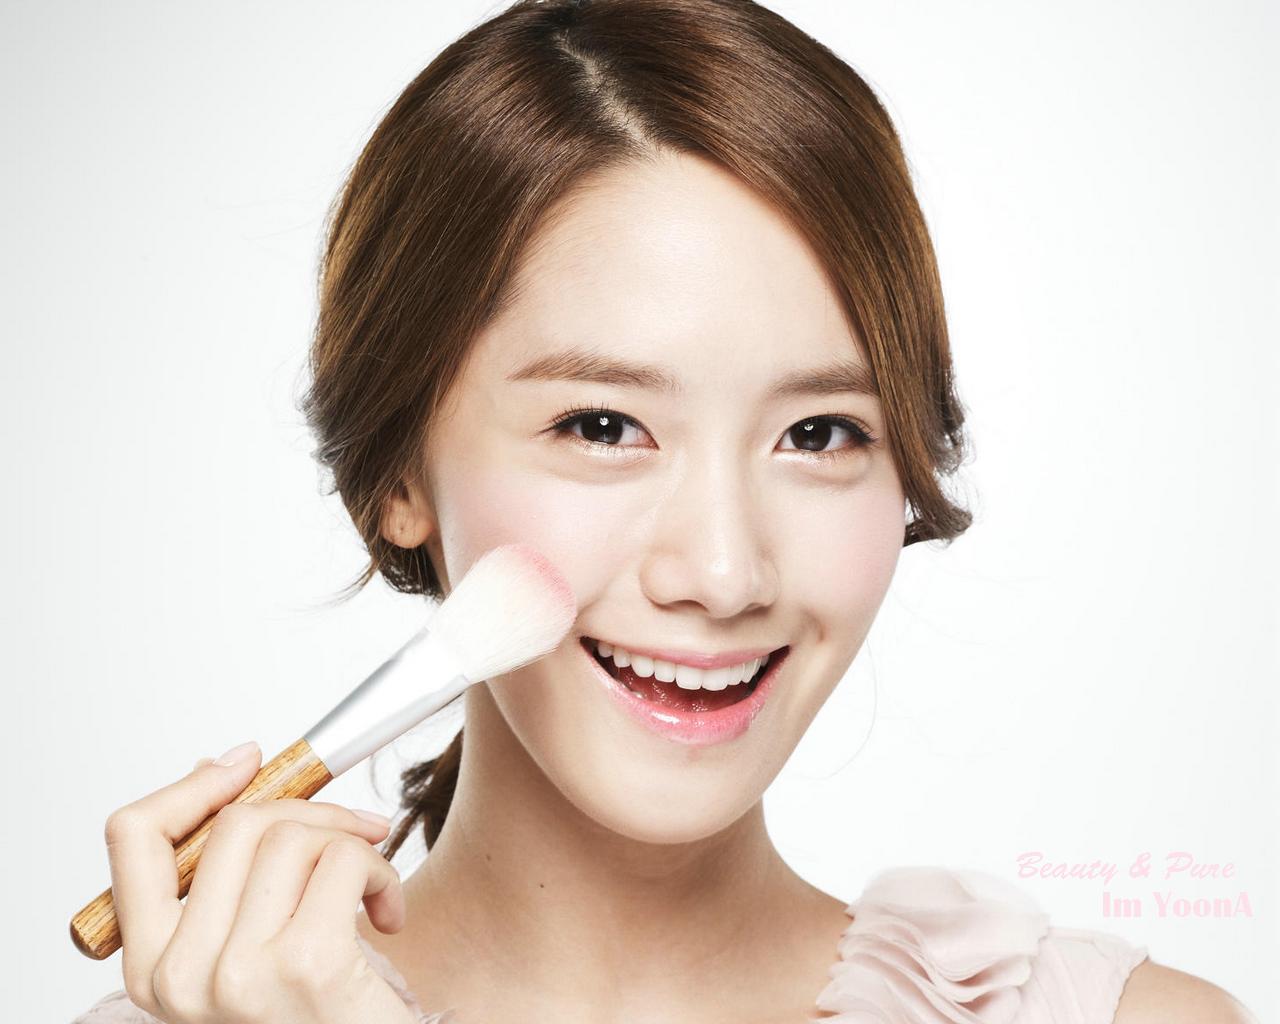 Makanya Tren Make Up Korea Suka Banget Bikin Alis Yang Tebal Dan Lurus Karena Membuat Muka Kita Terkesan Lebih Muda Nah Contohnya Cece Yoona Yang Cantik